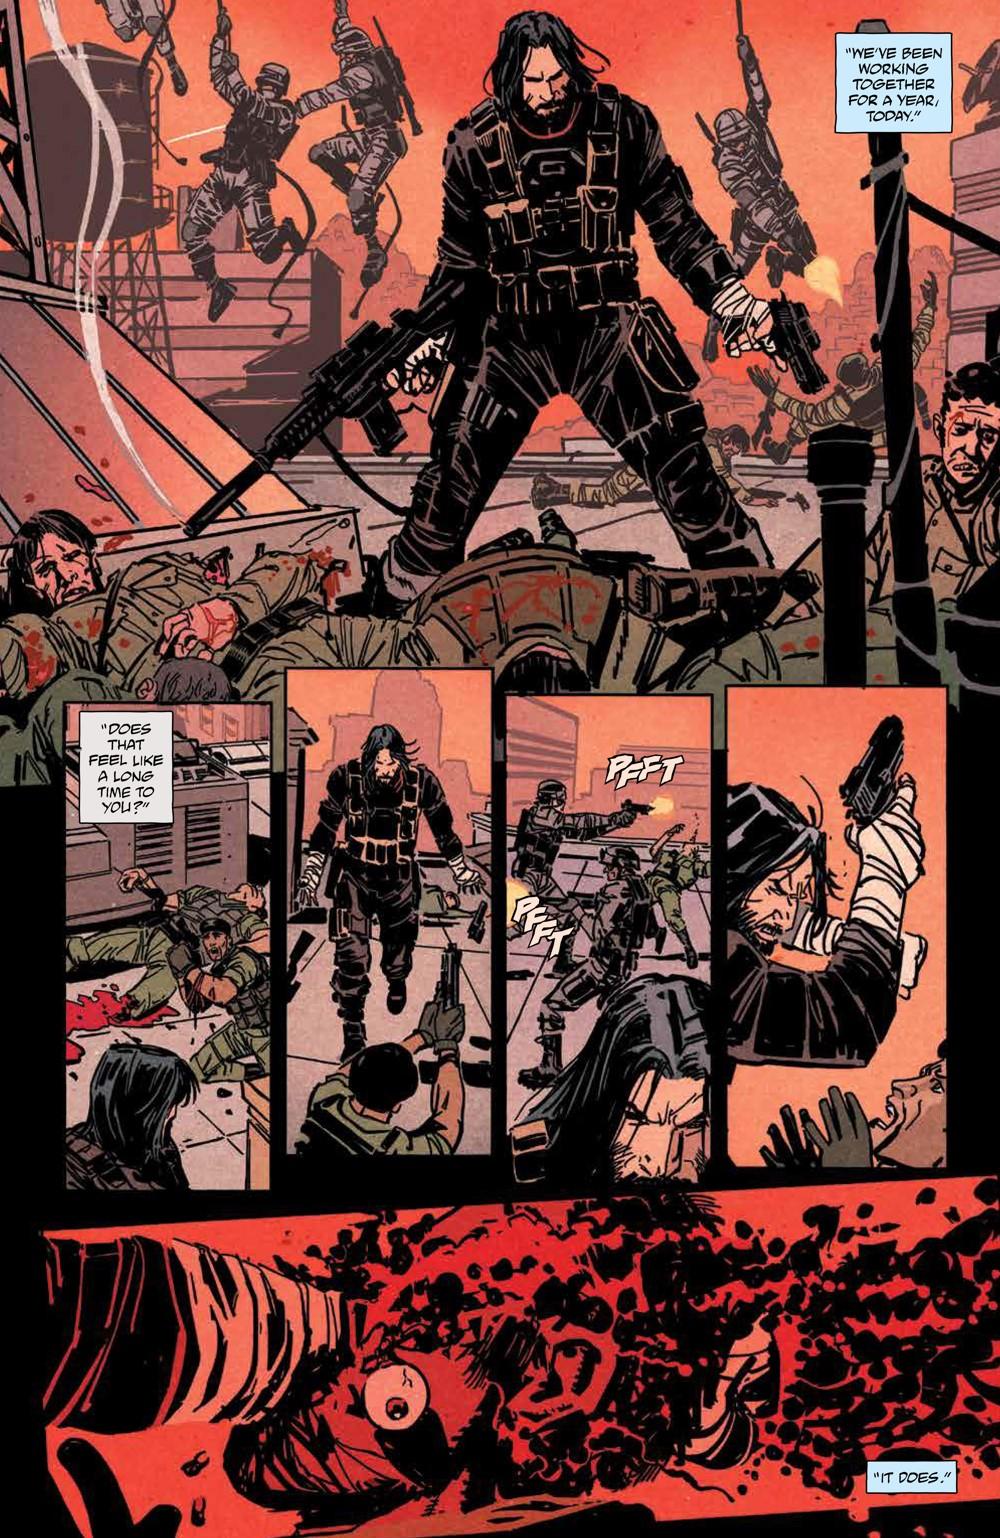 BRZRKR_v1_SC_PRESS_15 ComicList Previews: BRZRKR VOLUME 1 TP